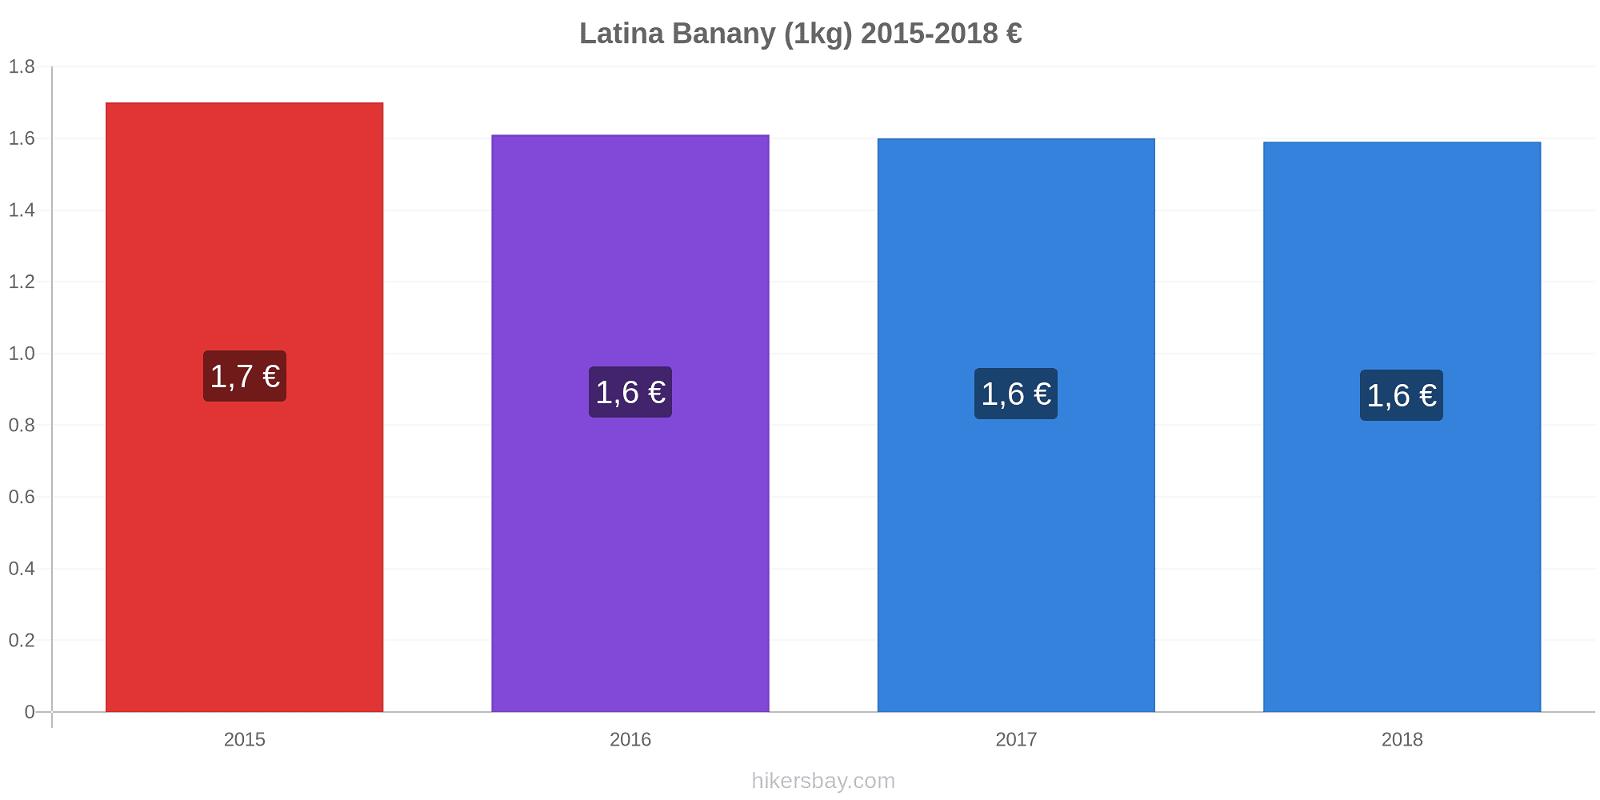 Latina zmiany cen Banany (1kg) hikersbay.com